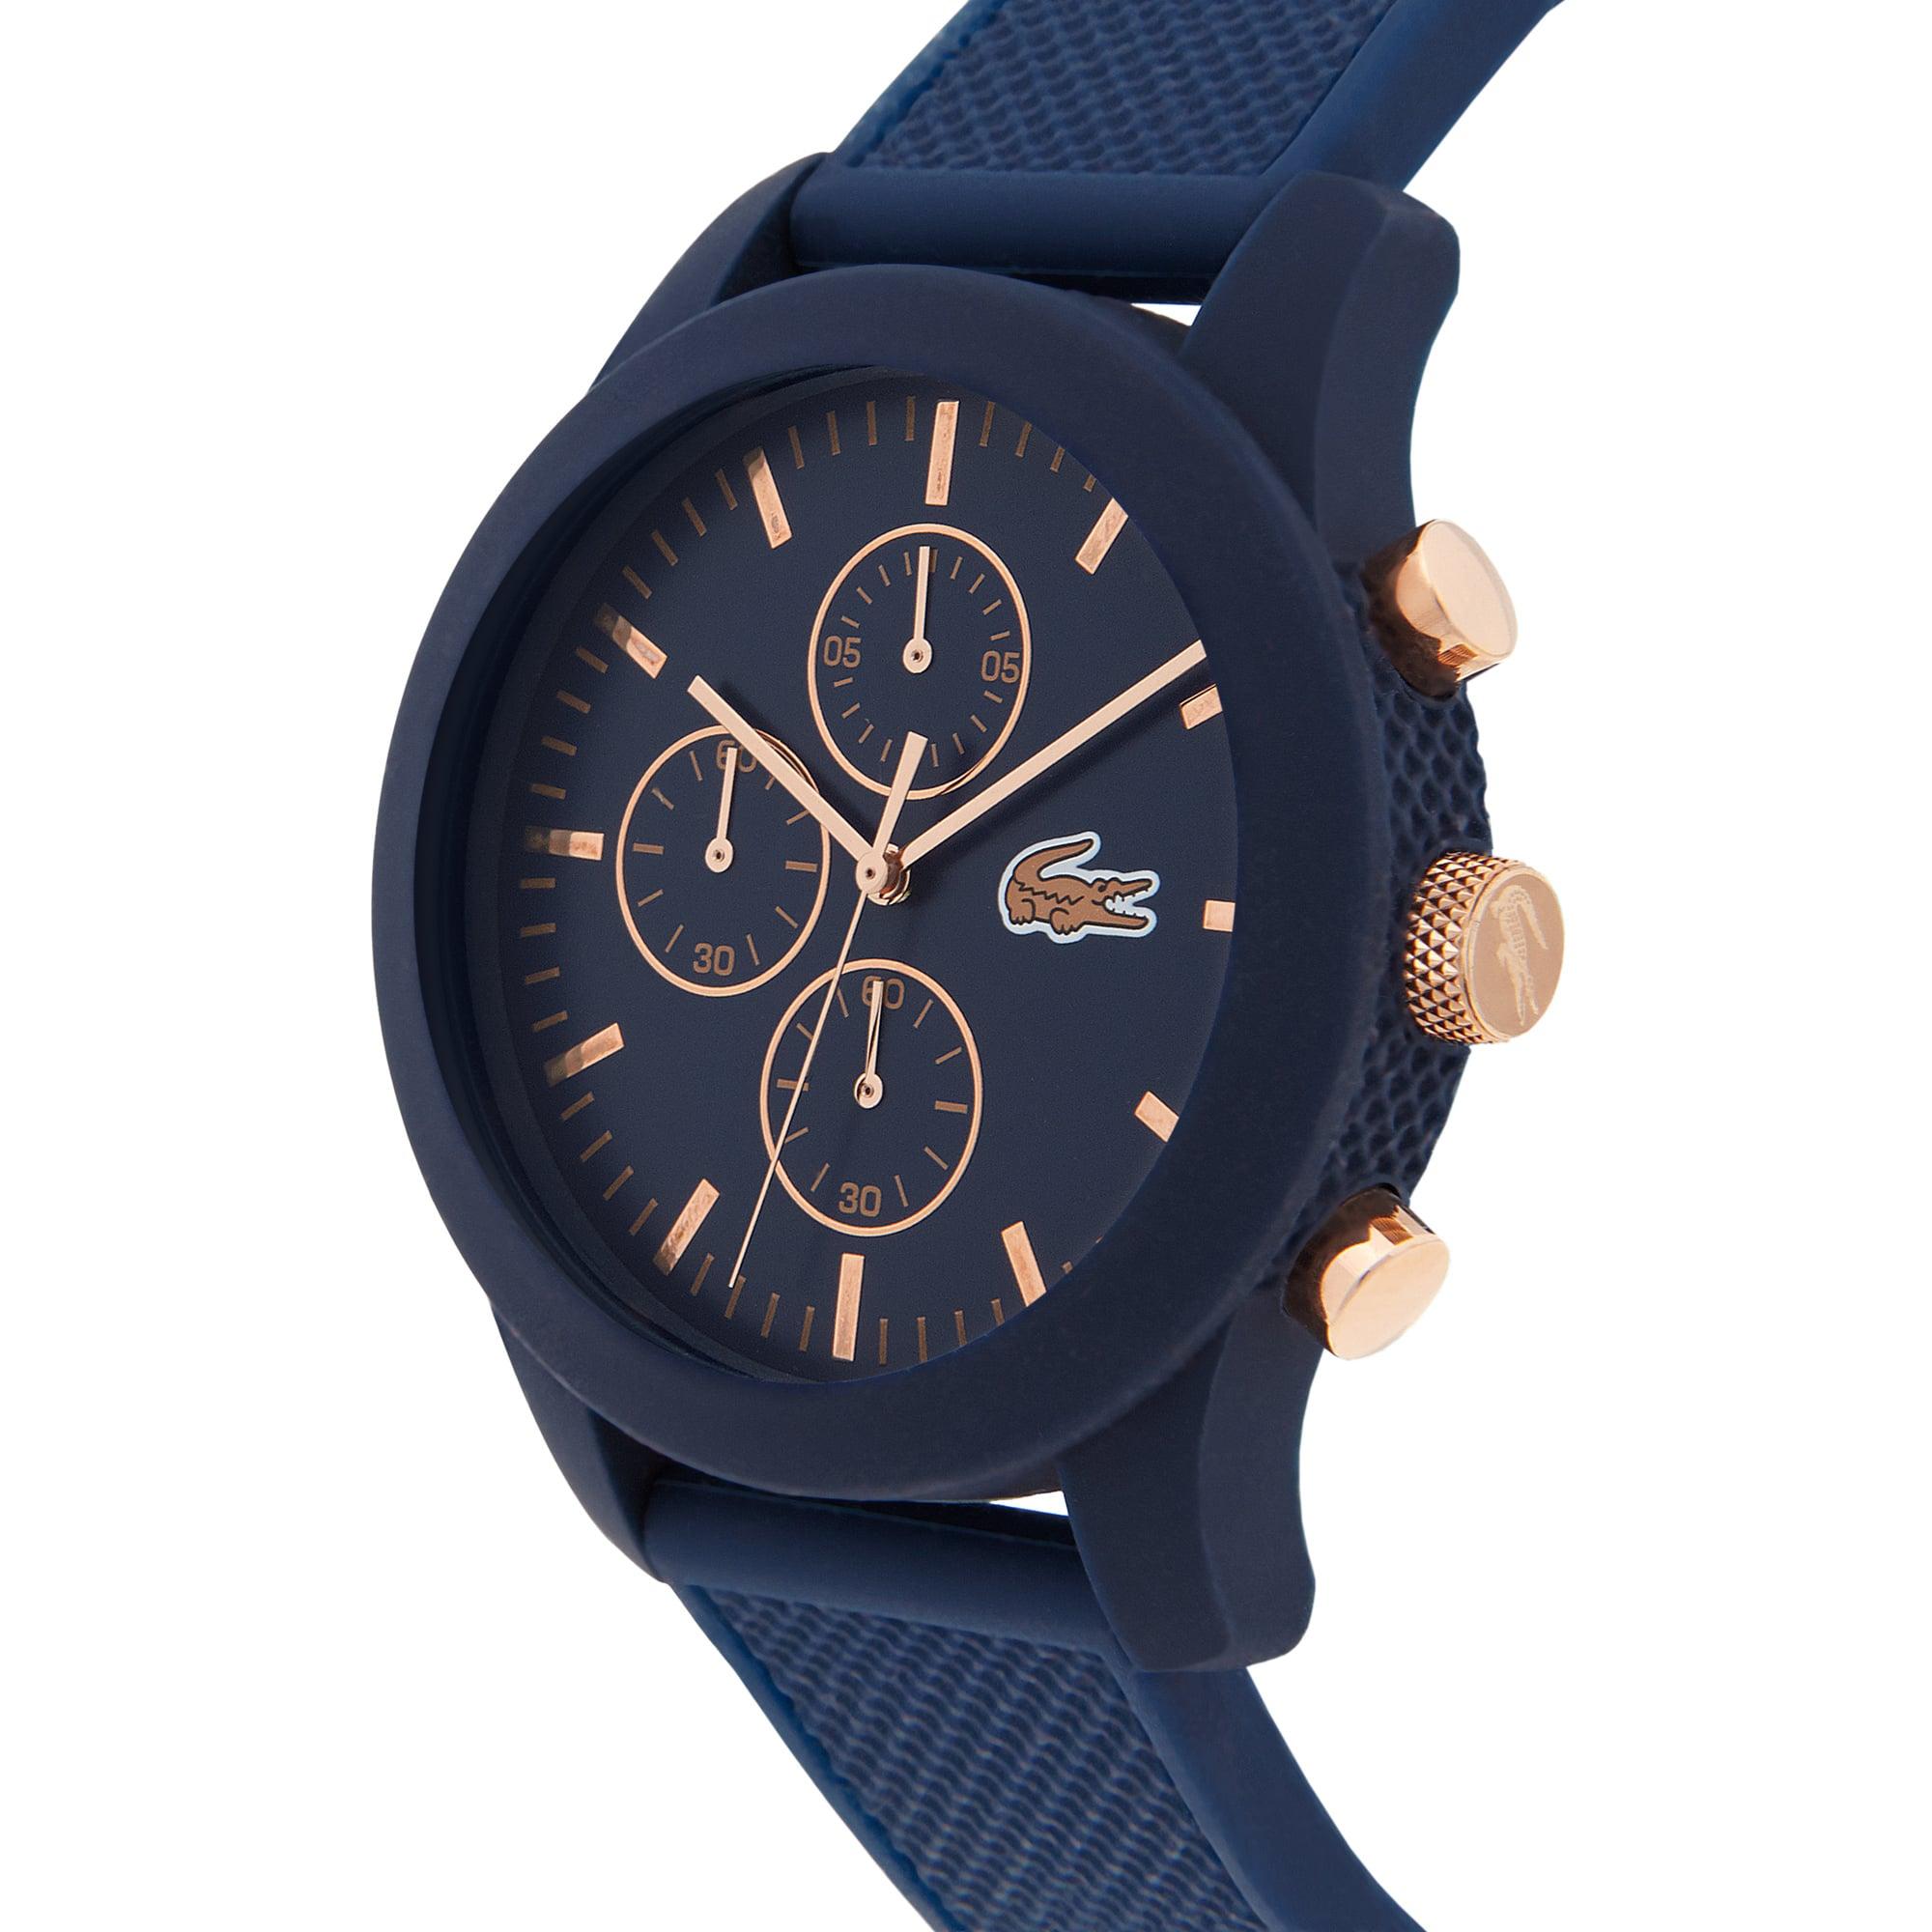 Orologio cronografo Lacoste 12.12 da uomo con cinturino in silicone blu